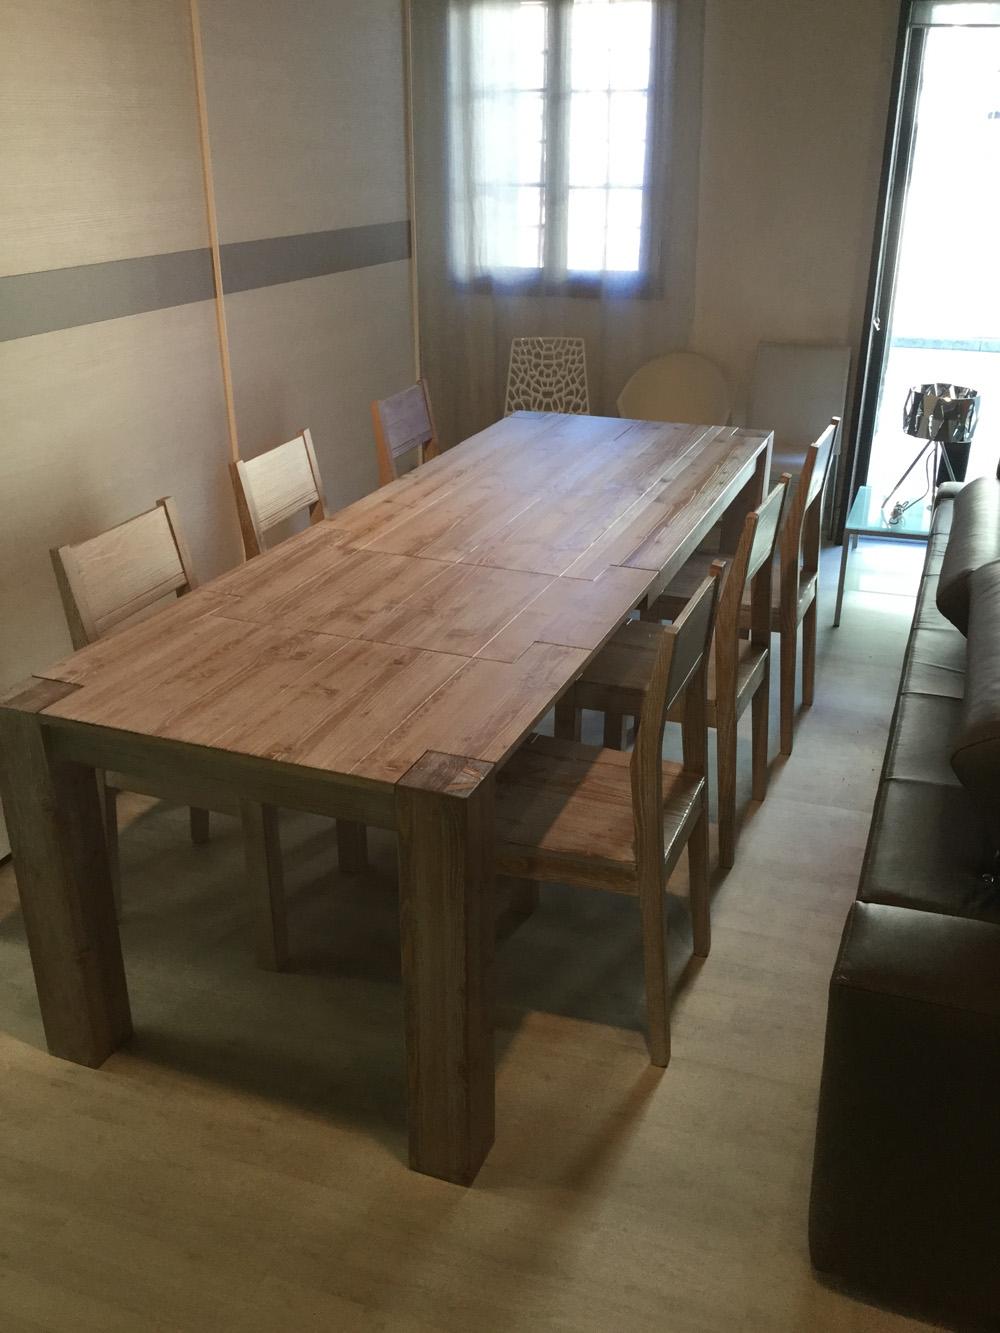 Tavolo mirandola wood and city rettangolari rettangolari for Tavoli rettangolari allungabili in legno